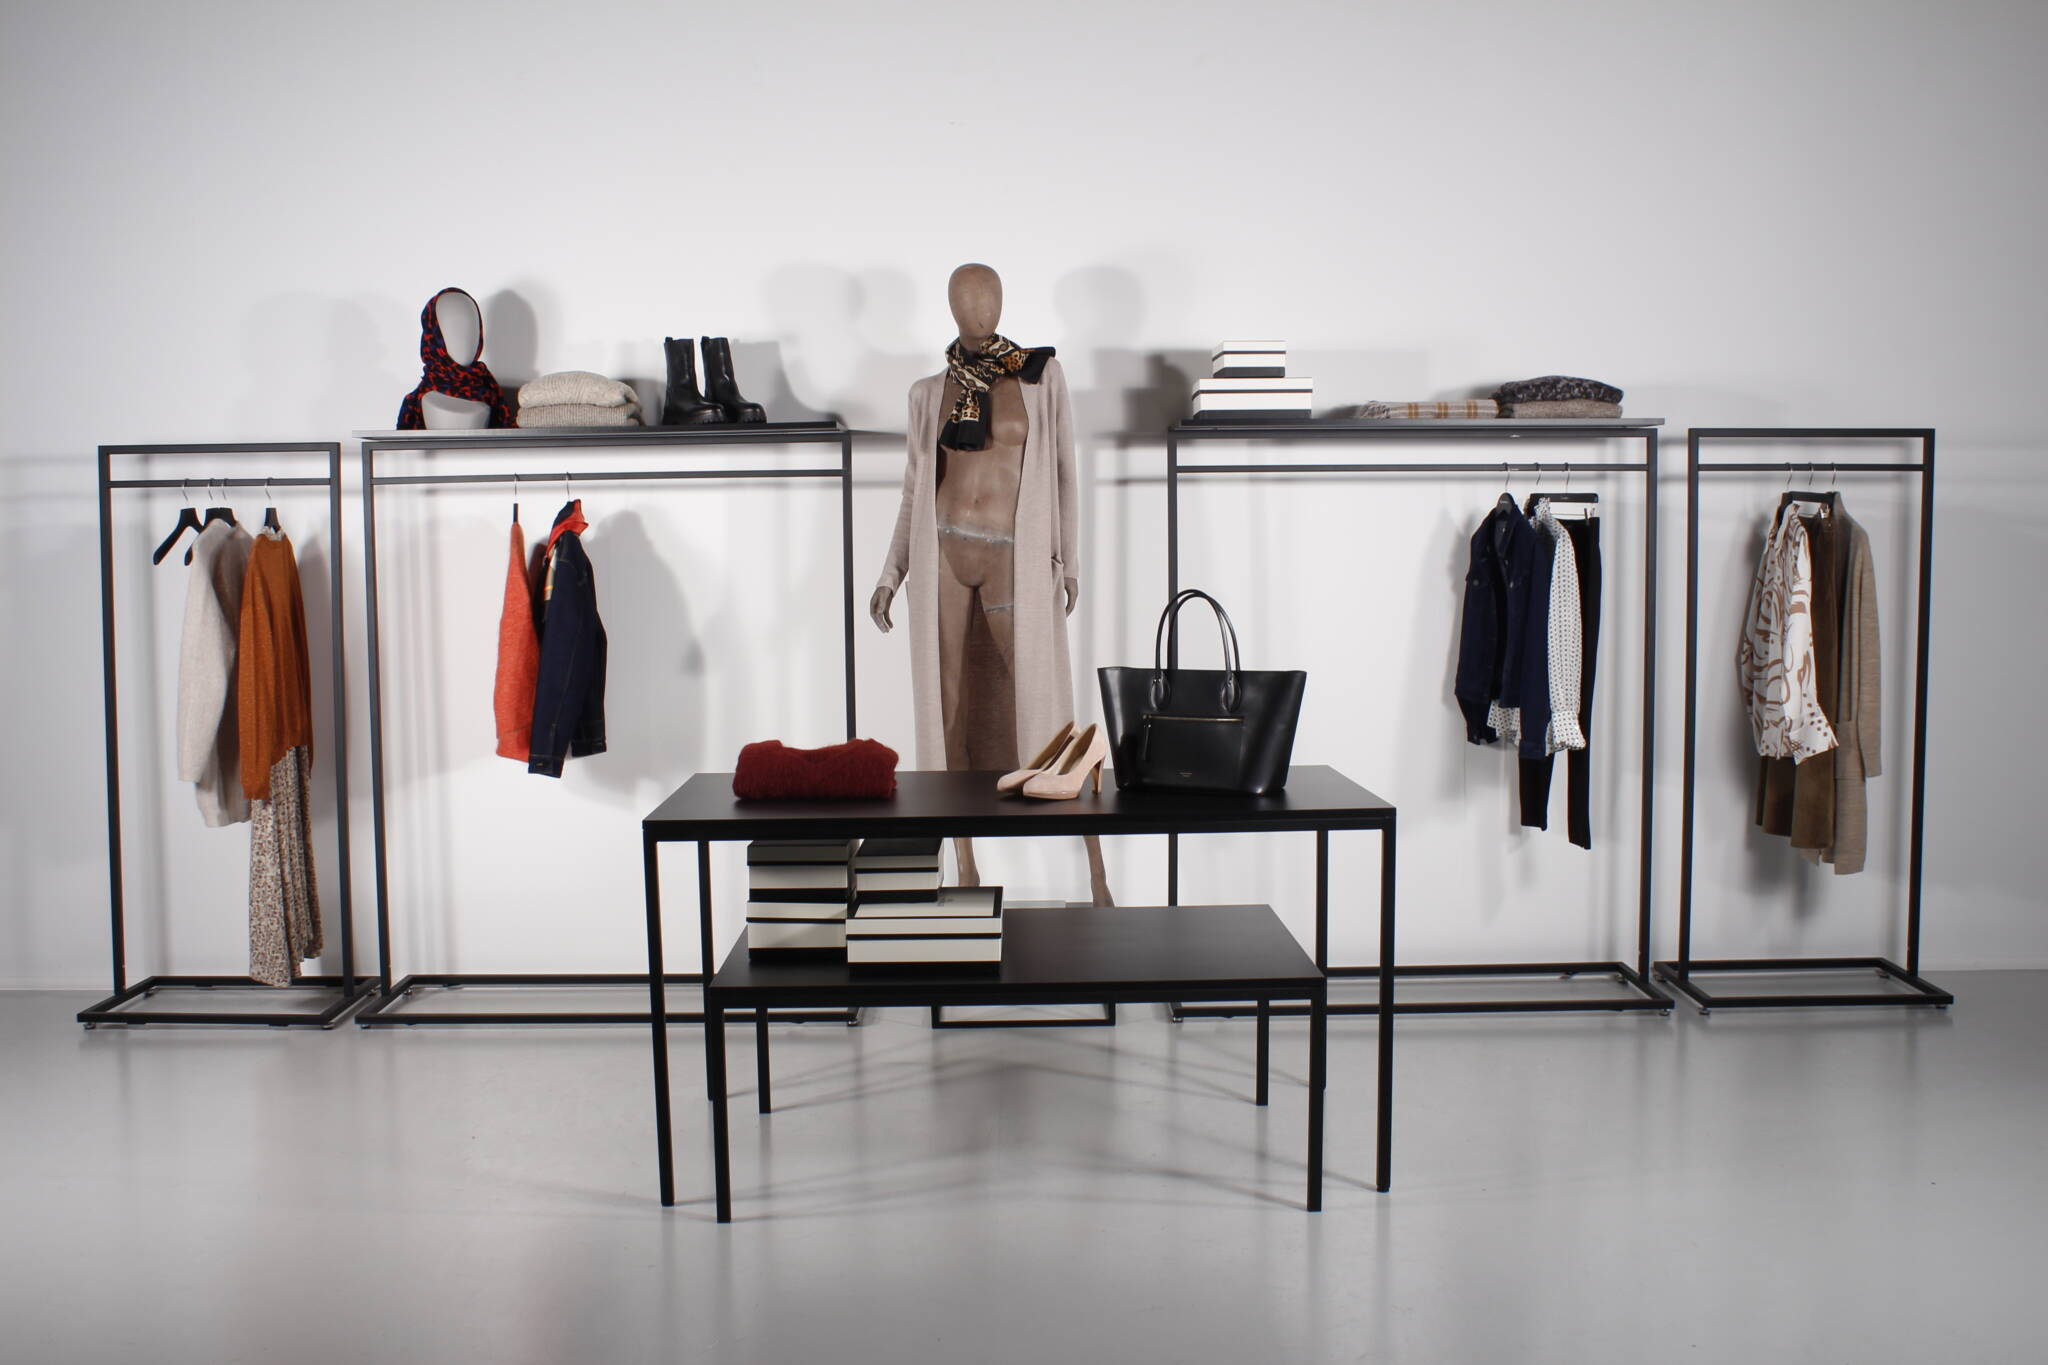 Flot shop område i butik eller showroom. Leveres også i hvid overflade.